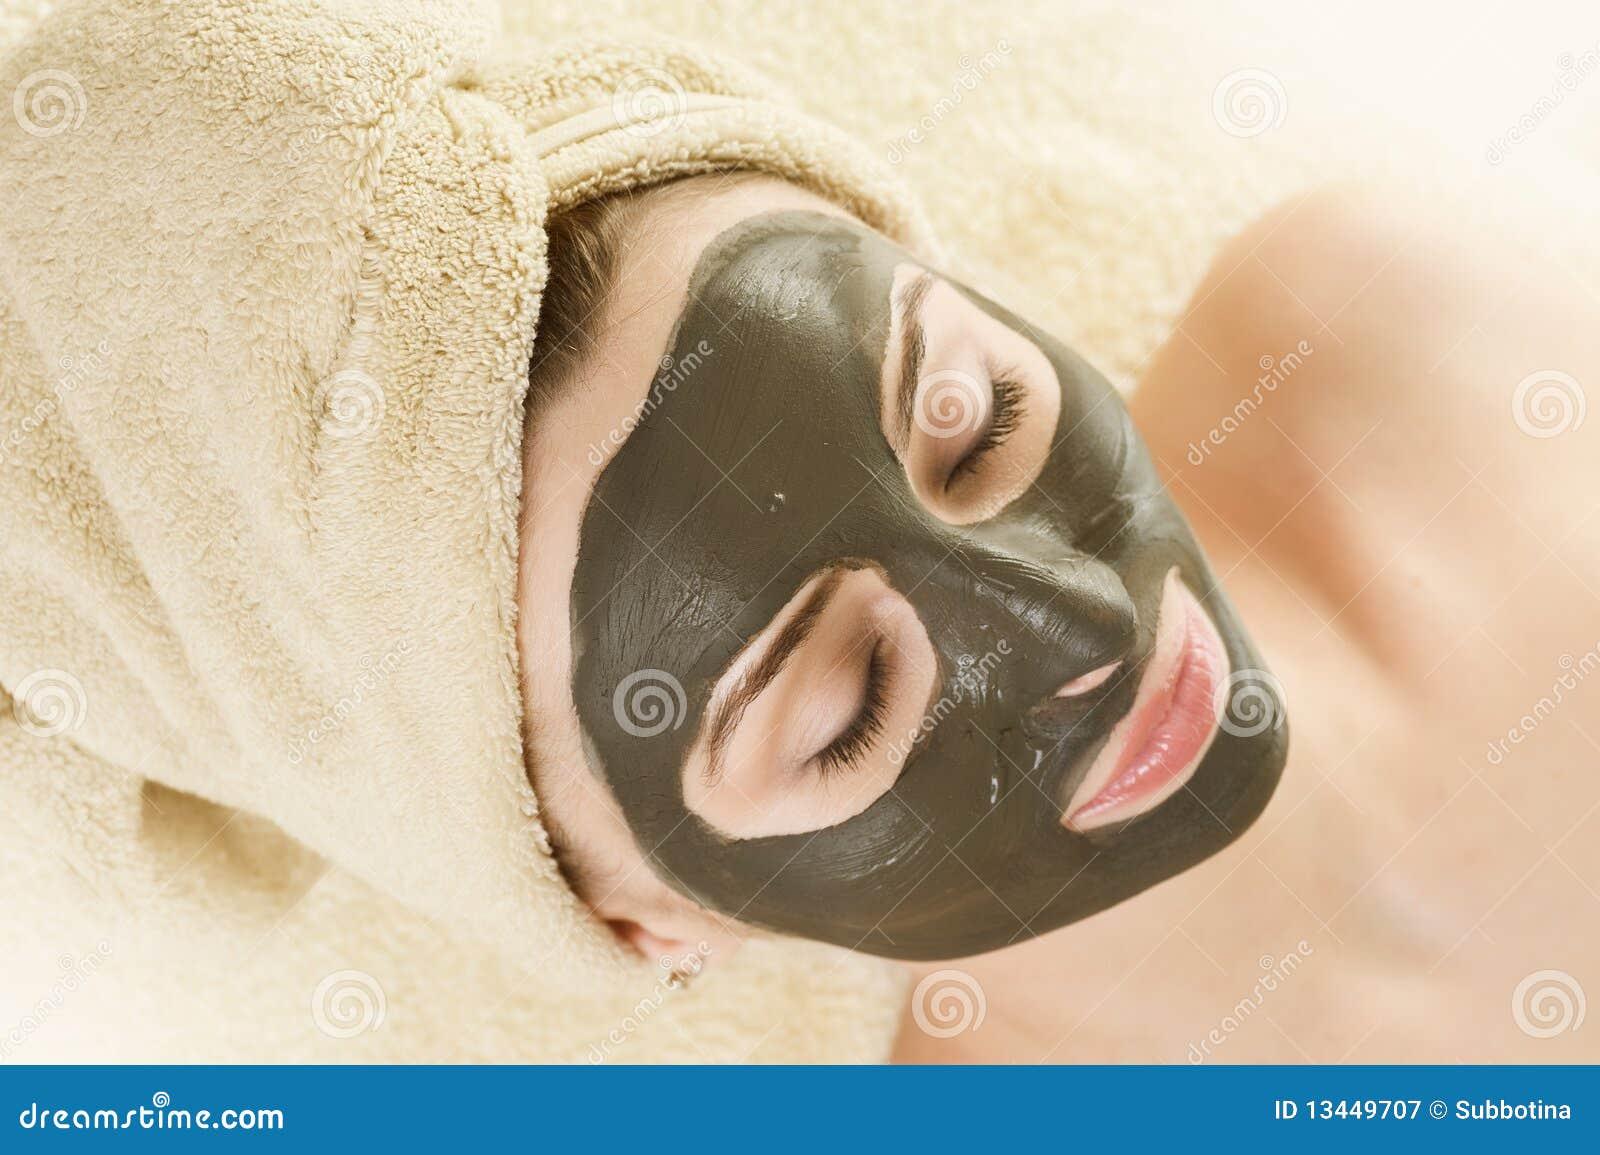 Máscara del fango en la cara. Balneario.